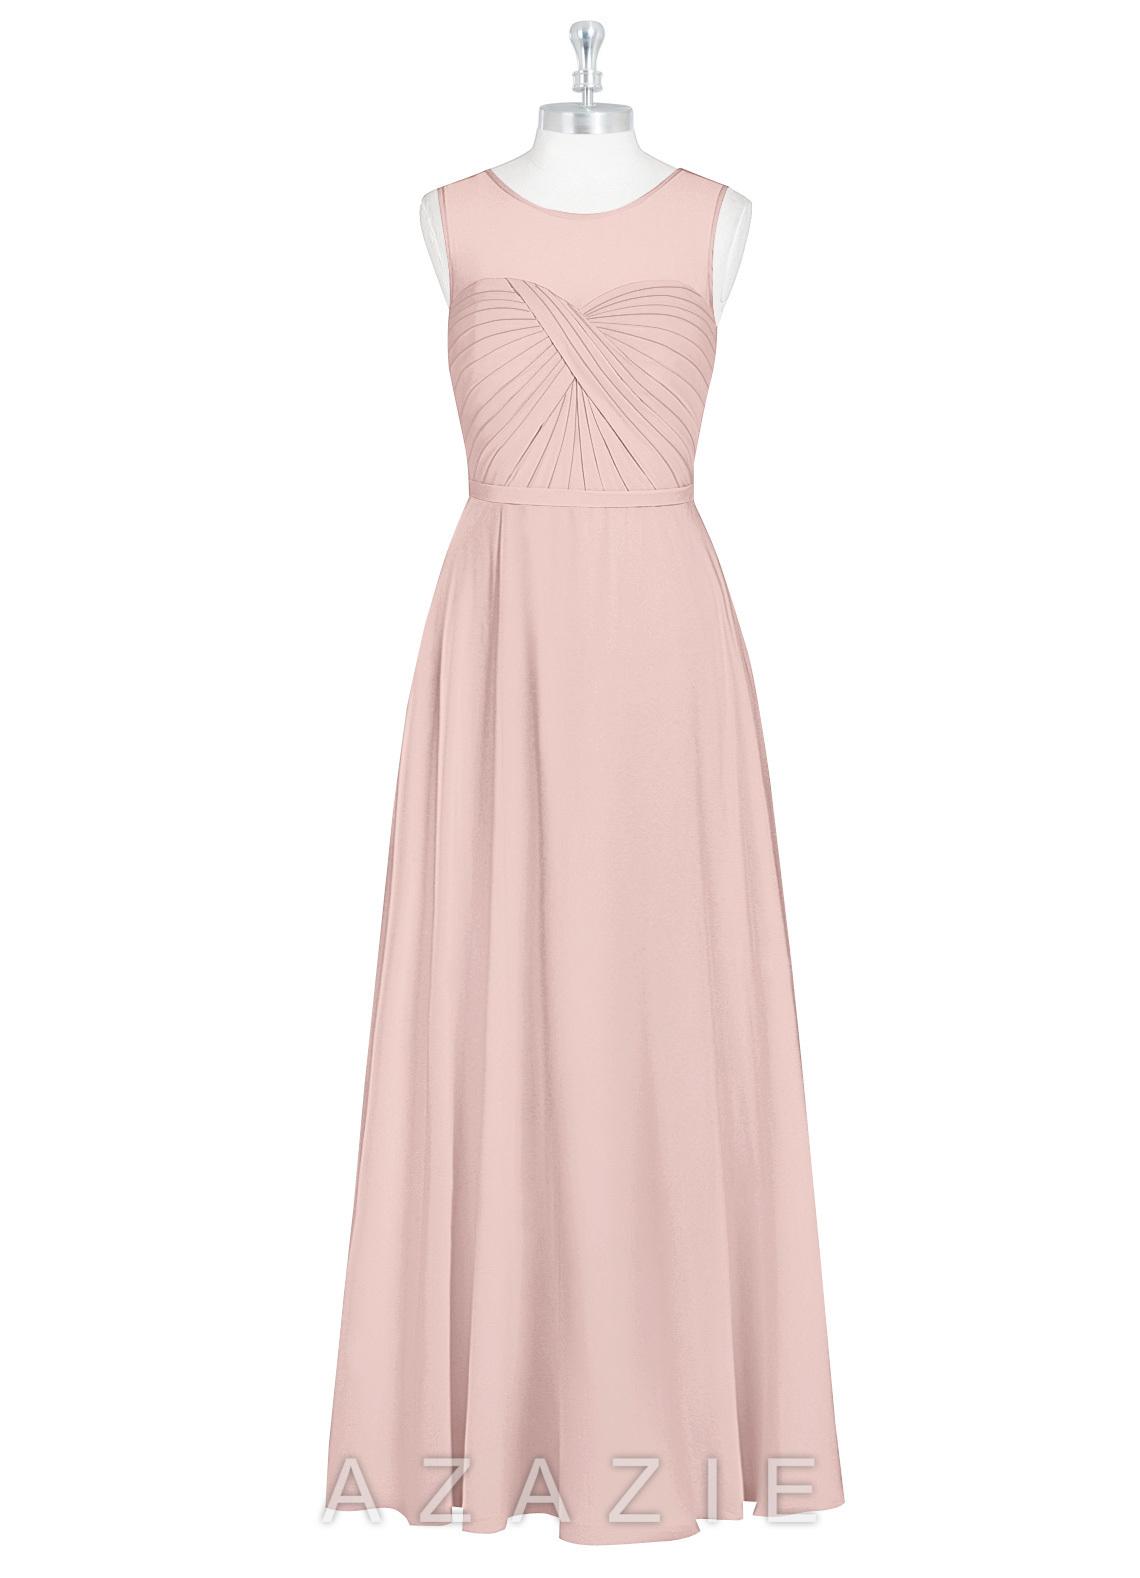 3b0ff80df6 Azazie Justine Bridesmaid Dress - Dusty Rose